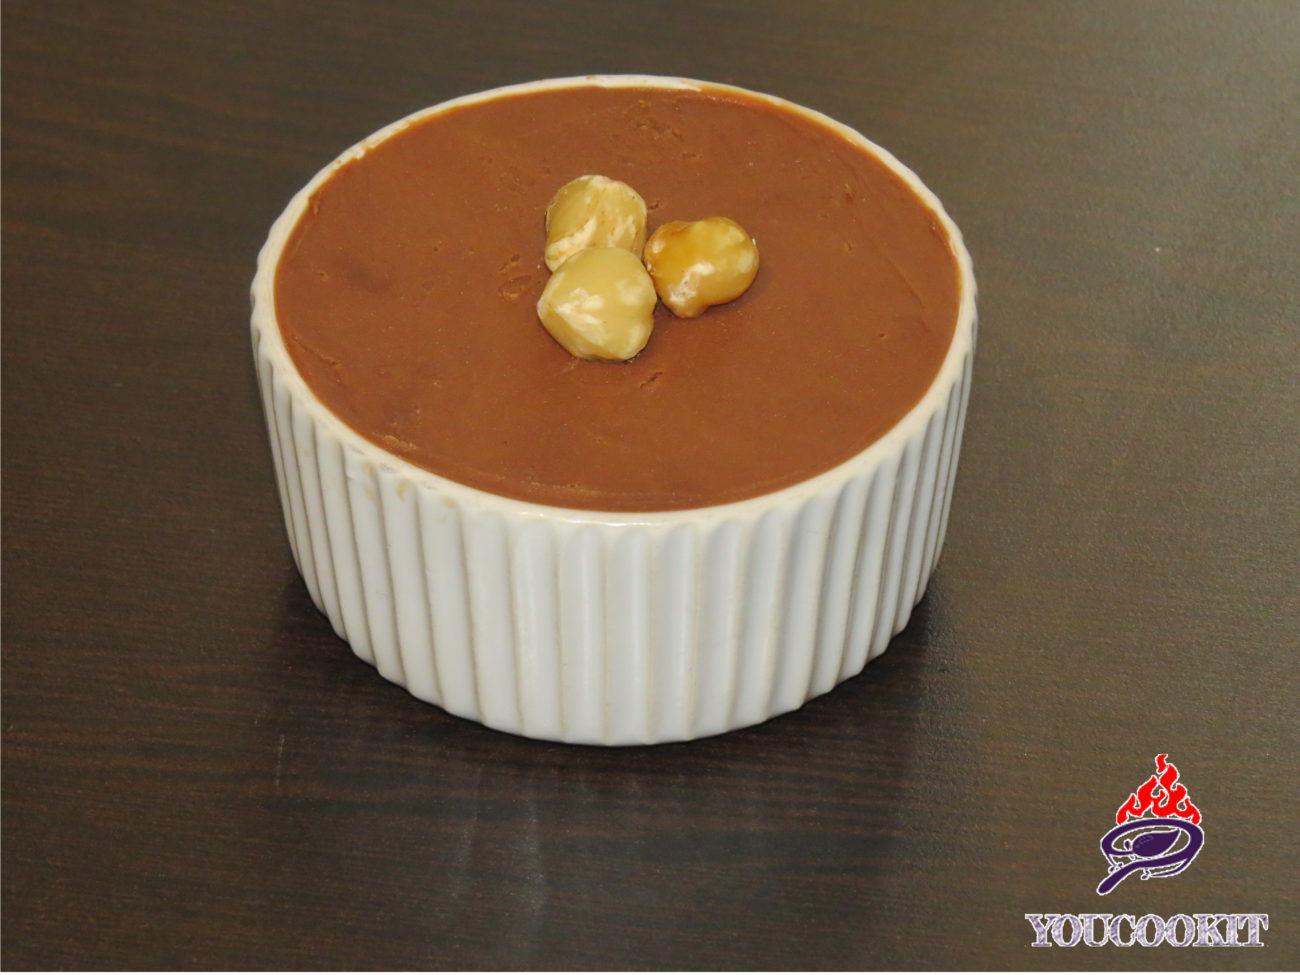 Ganache al cioccolato al latte